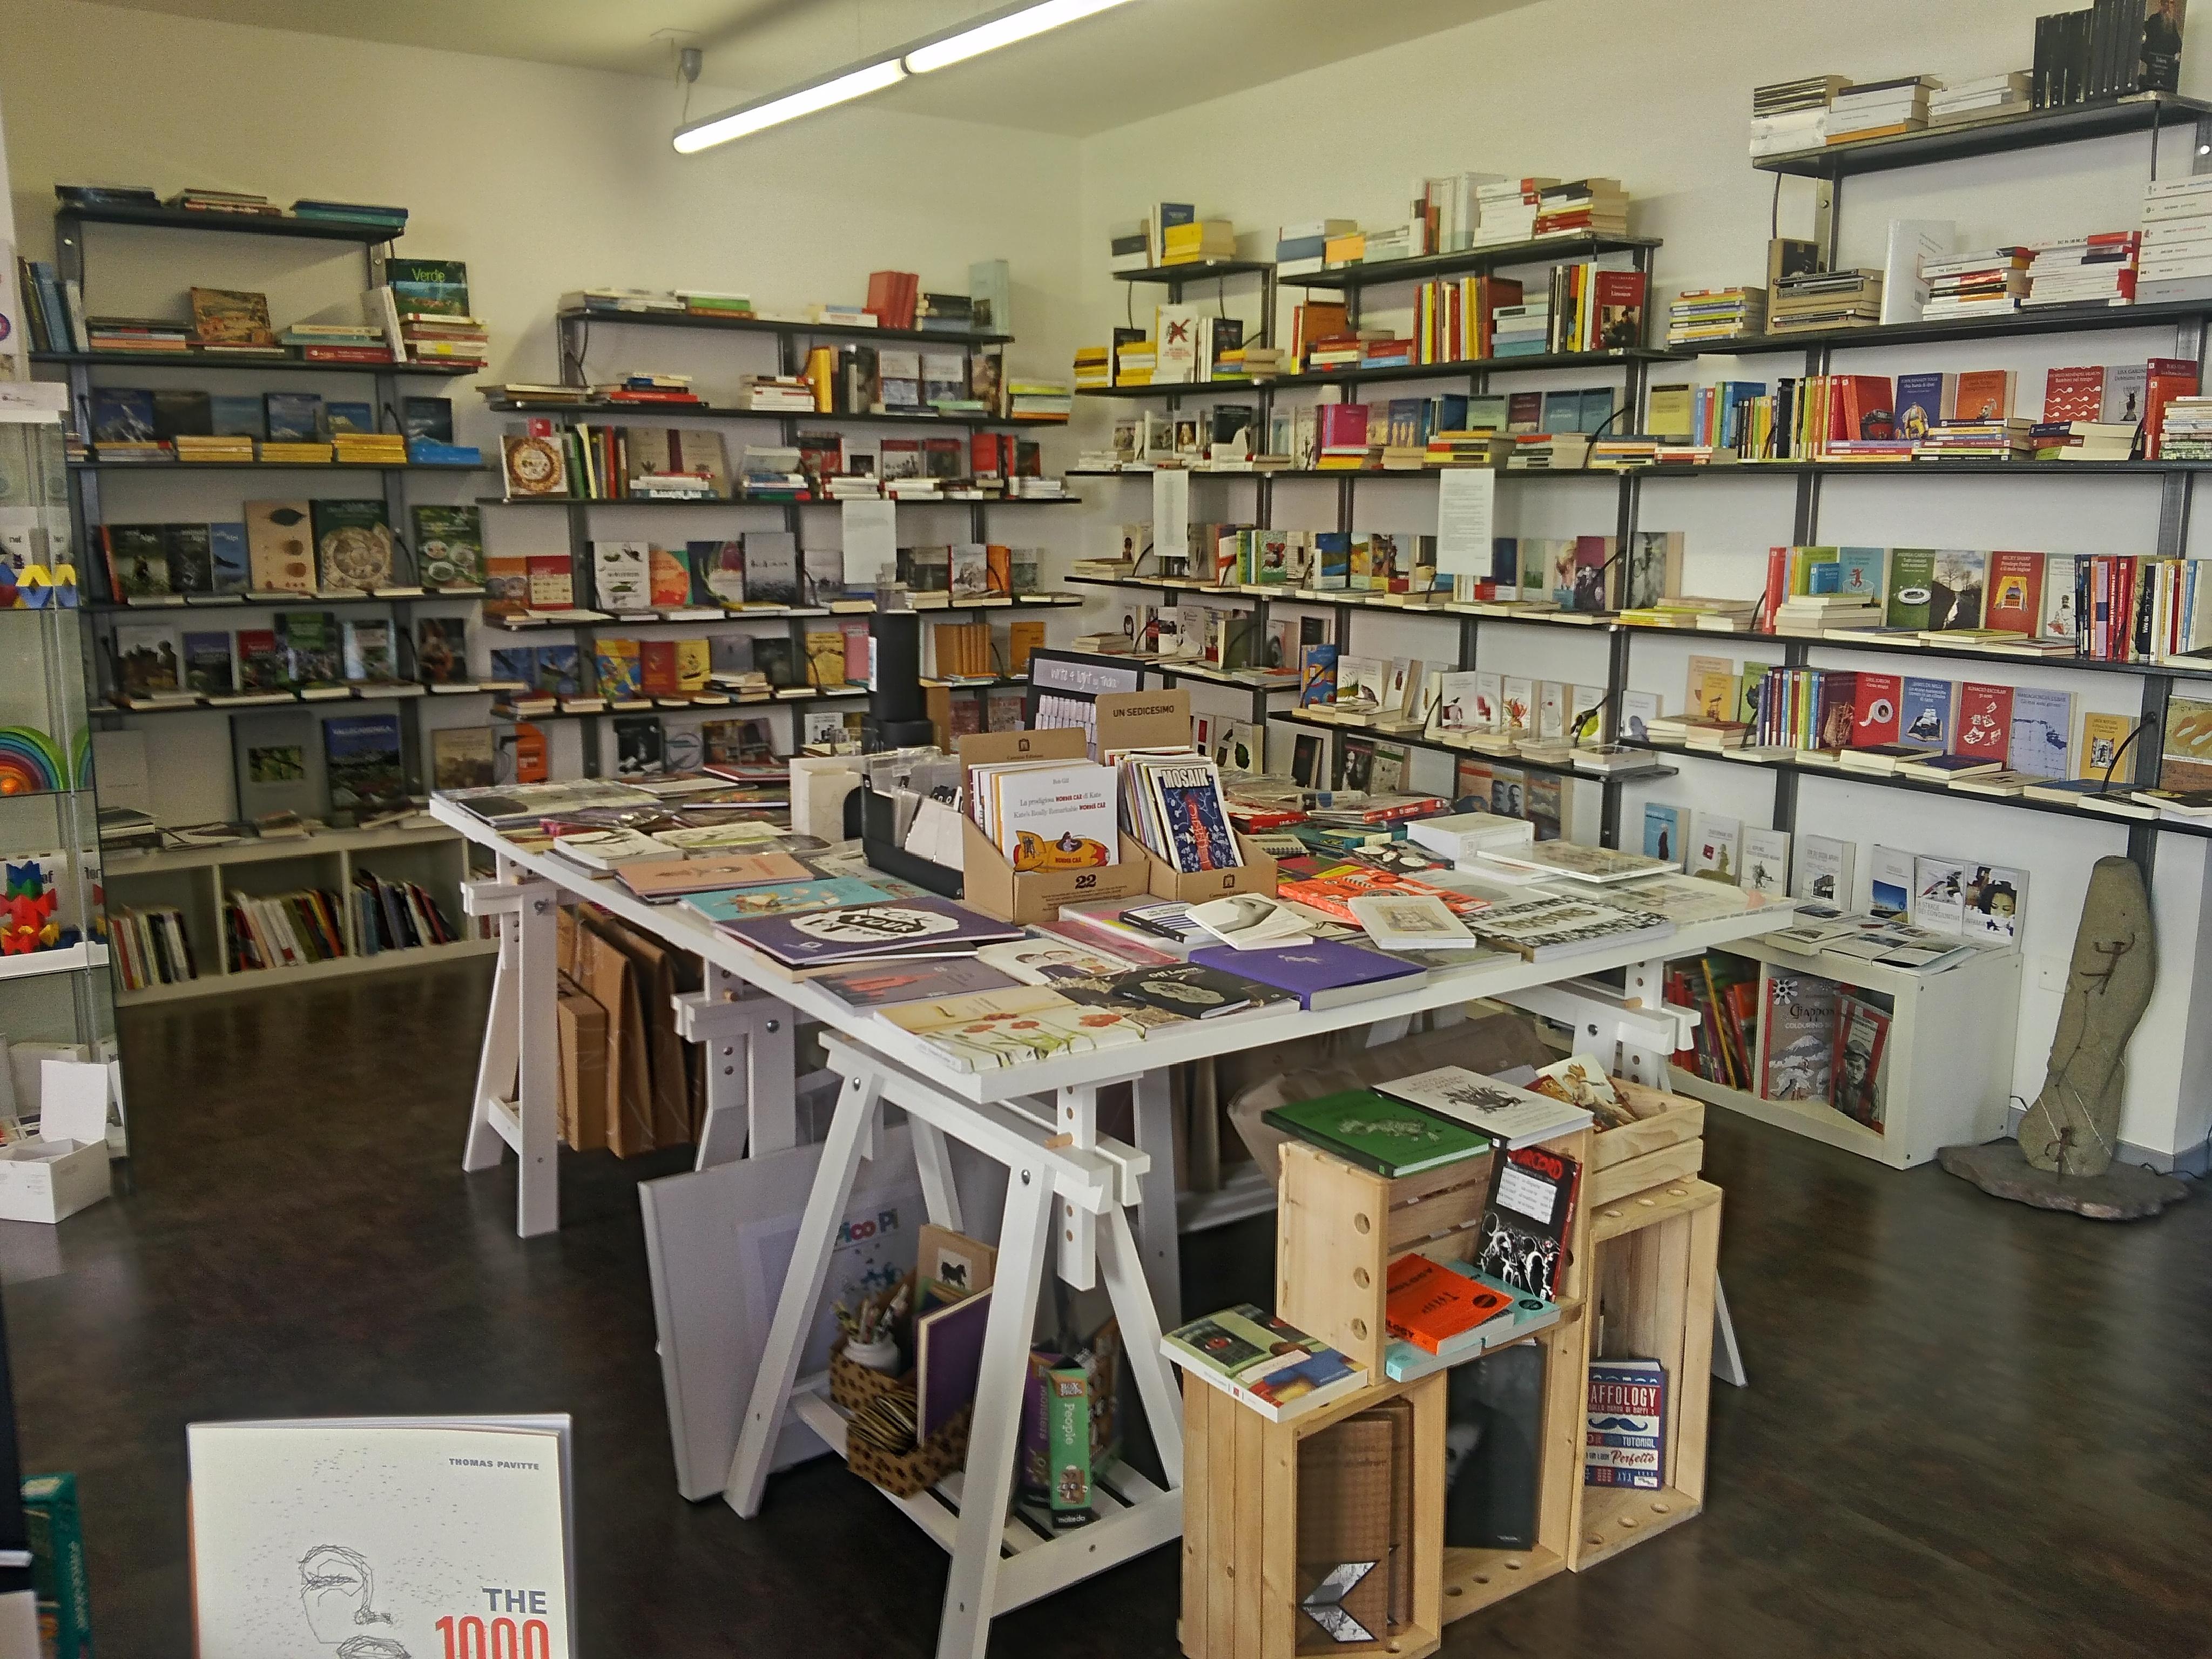 libreria puntoeacapo Pisogne